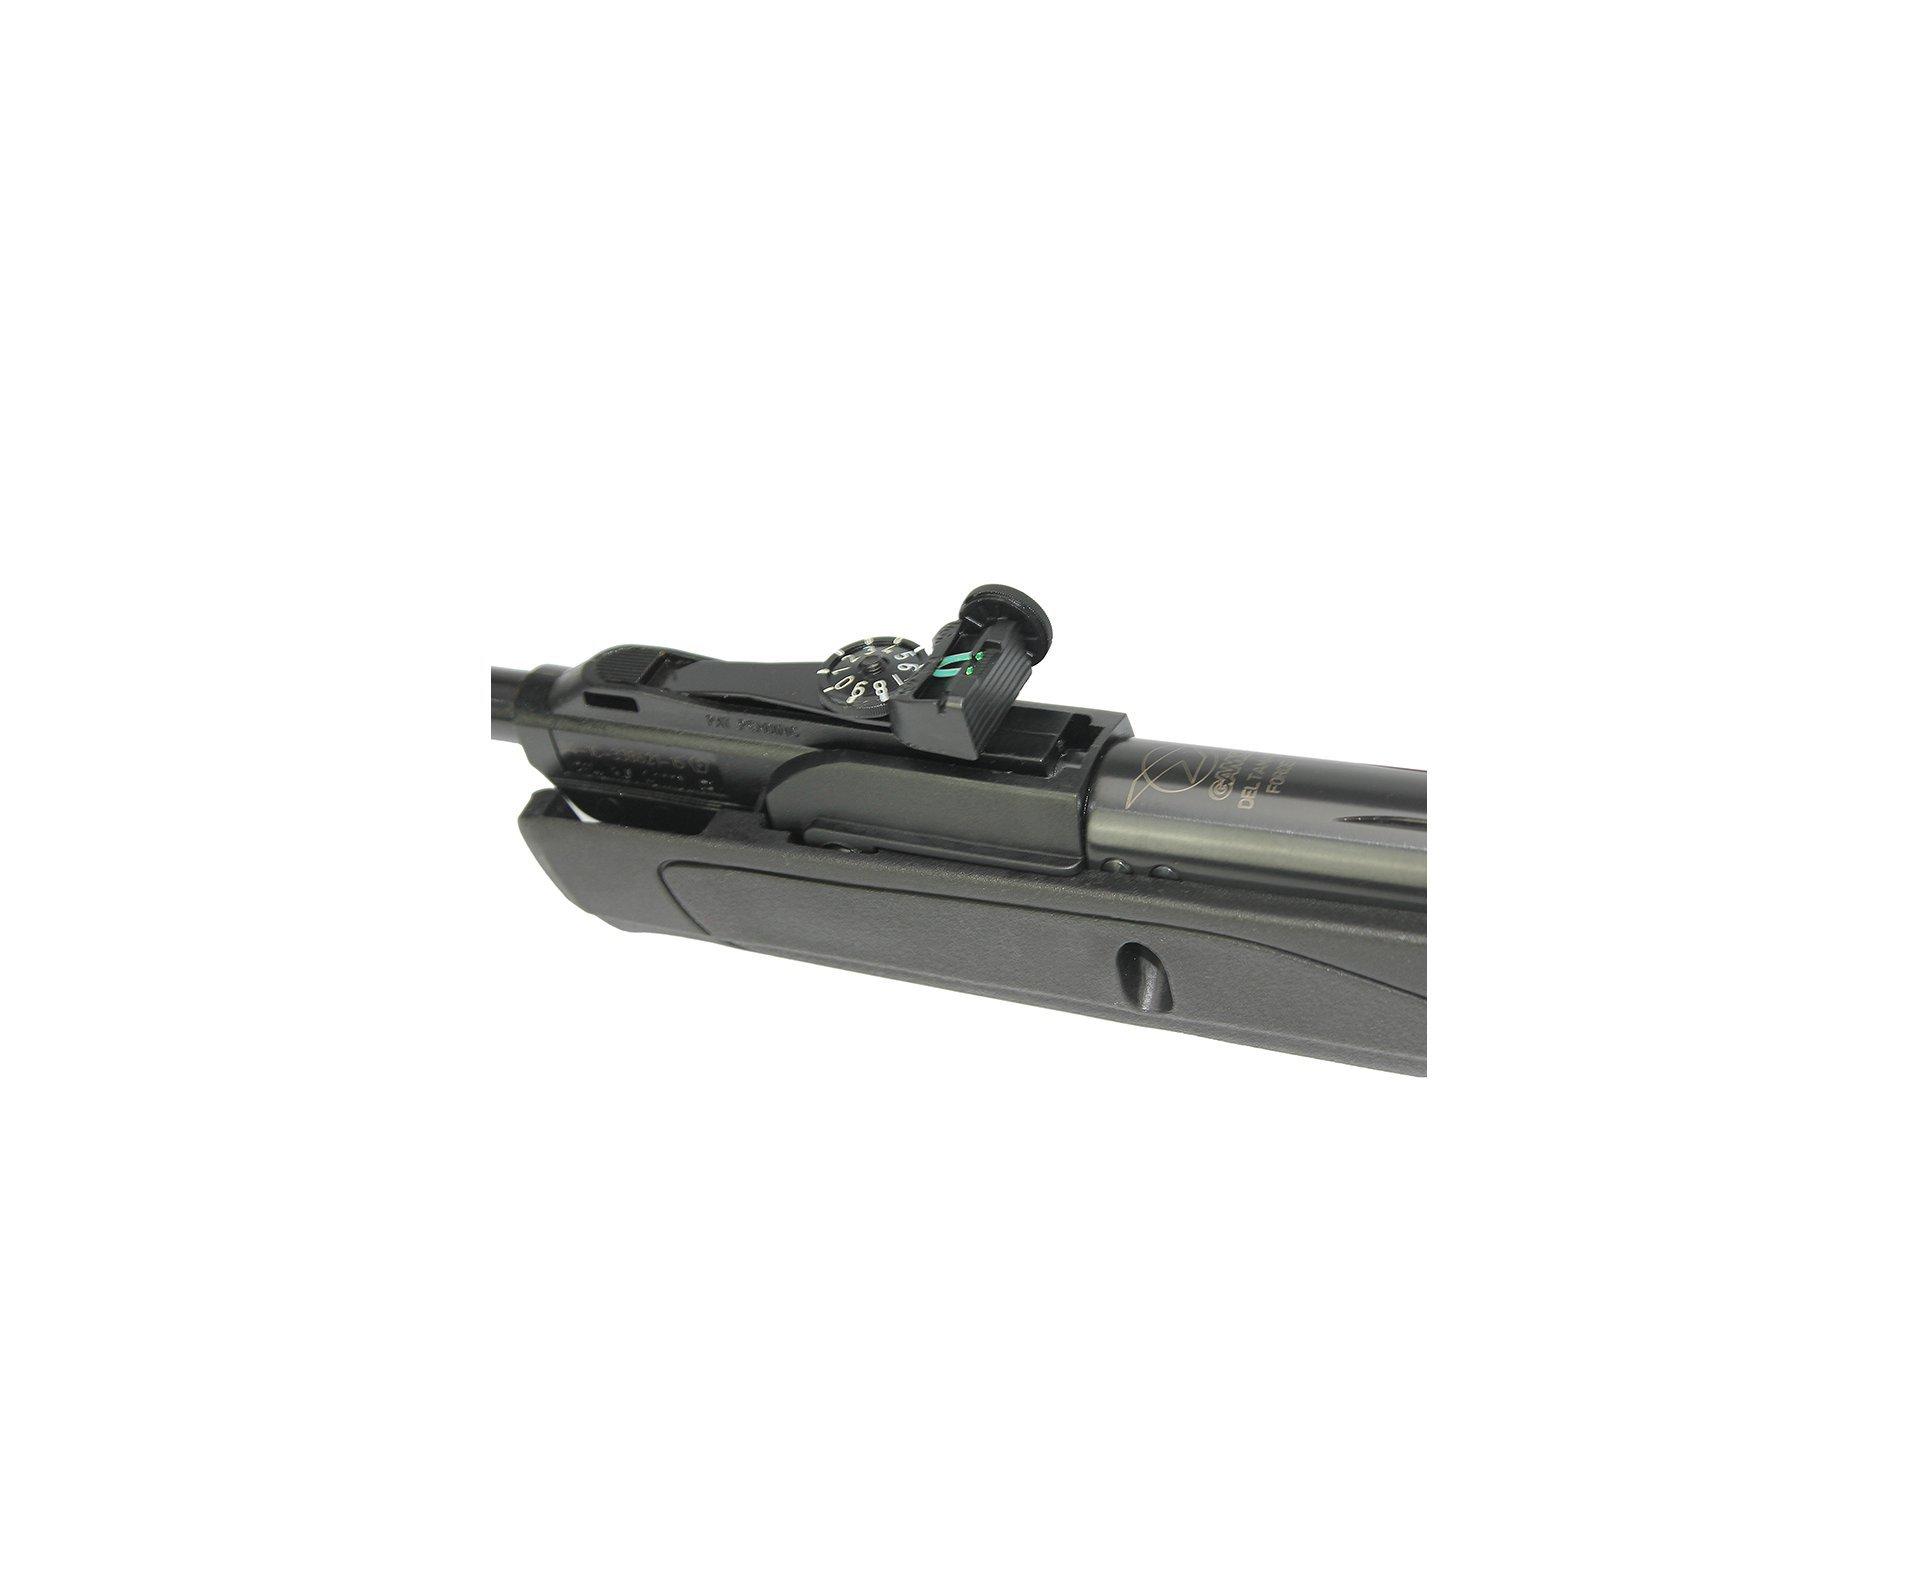 Carabina De Pressão Deltamax Force Cal 4,5mm - Gamo